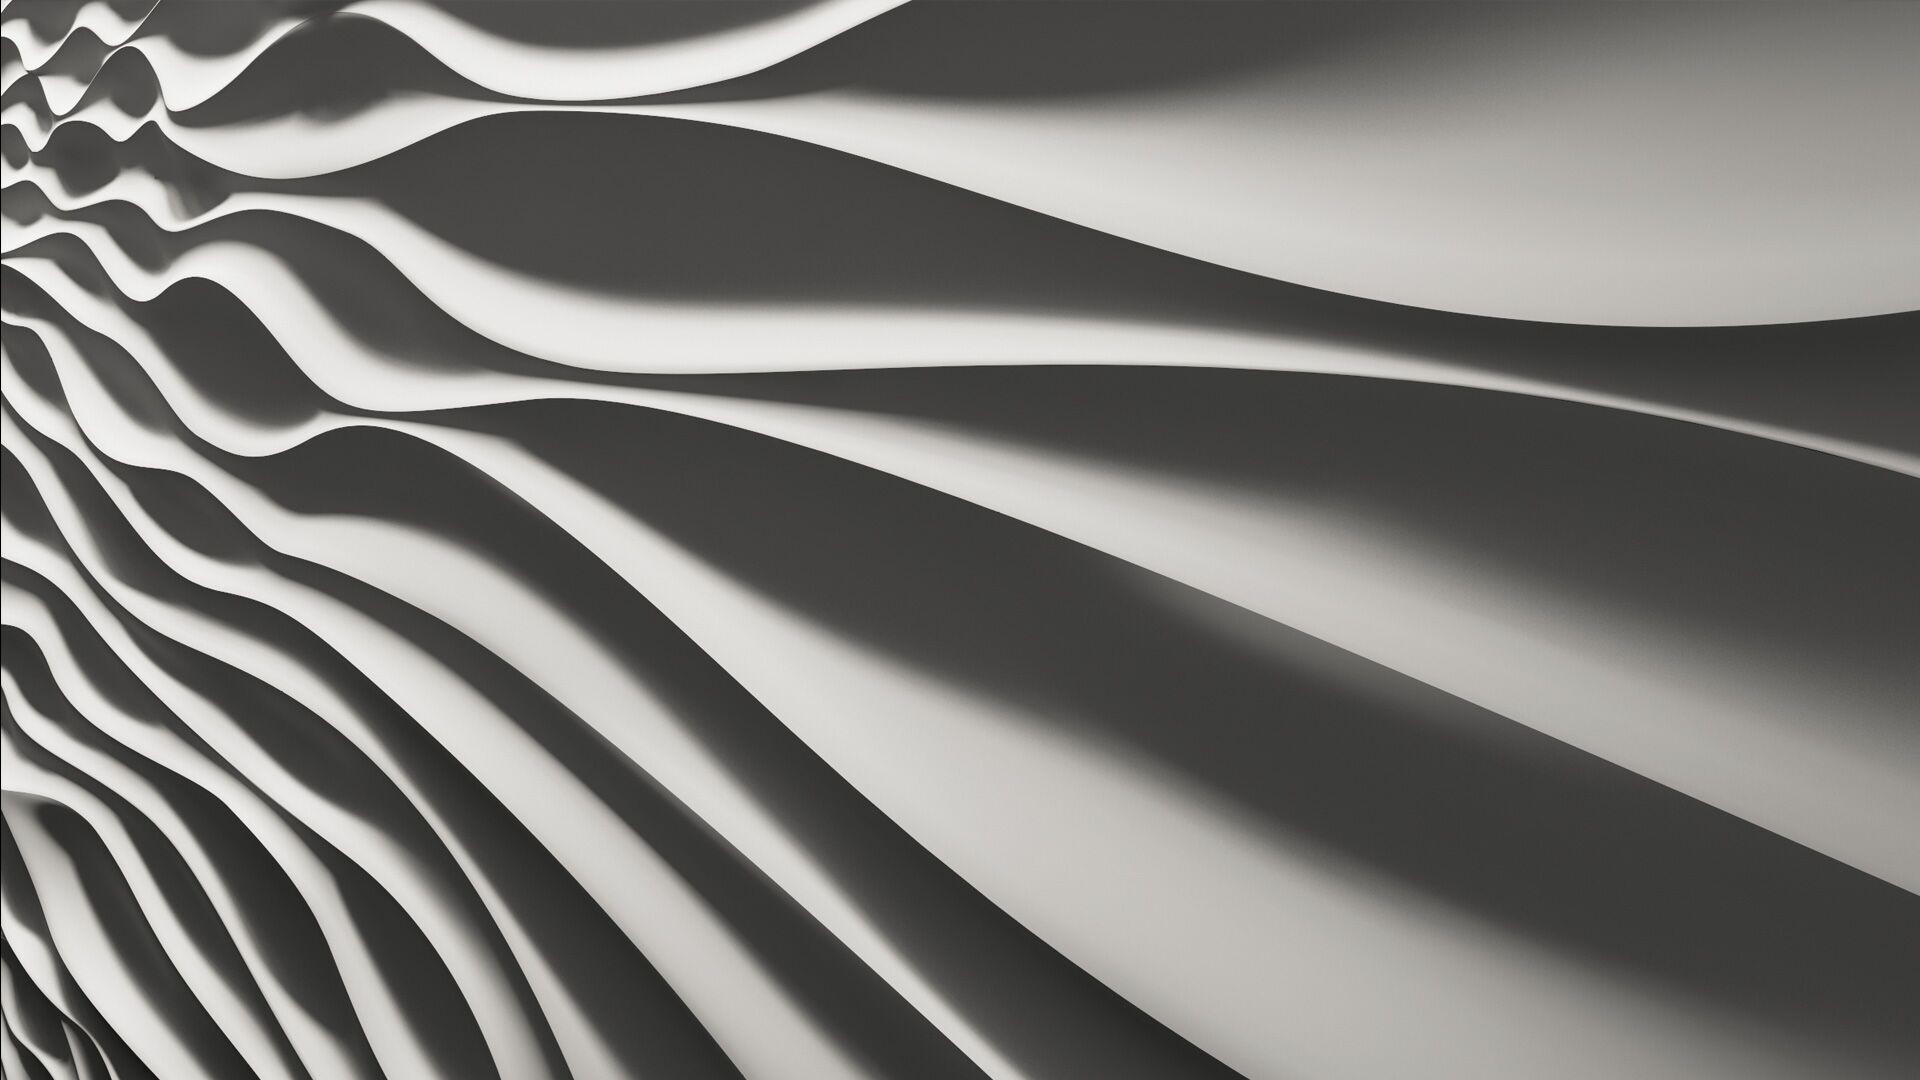 3D art swirls